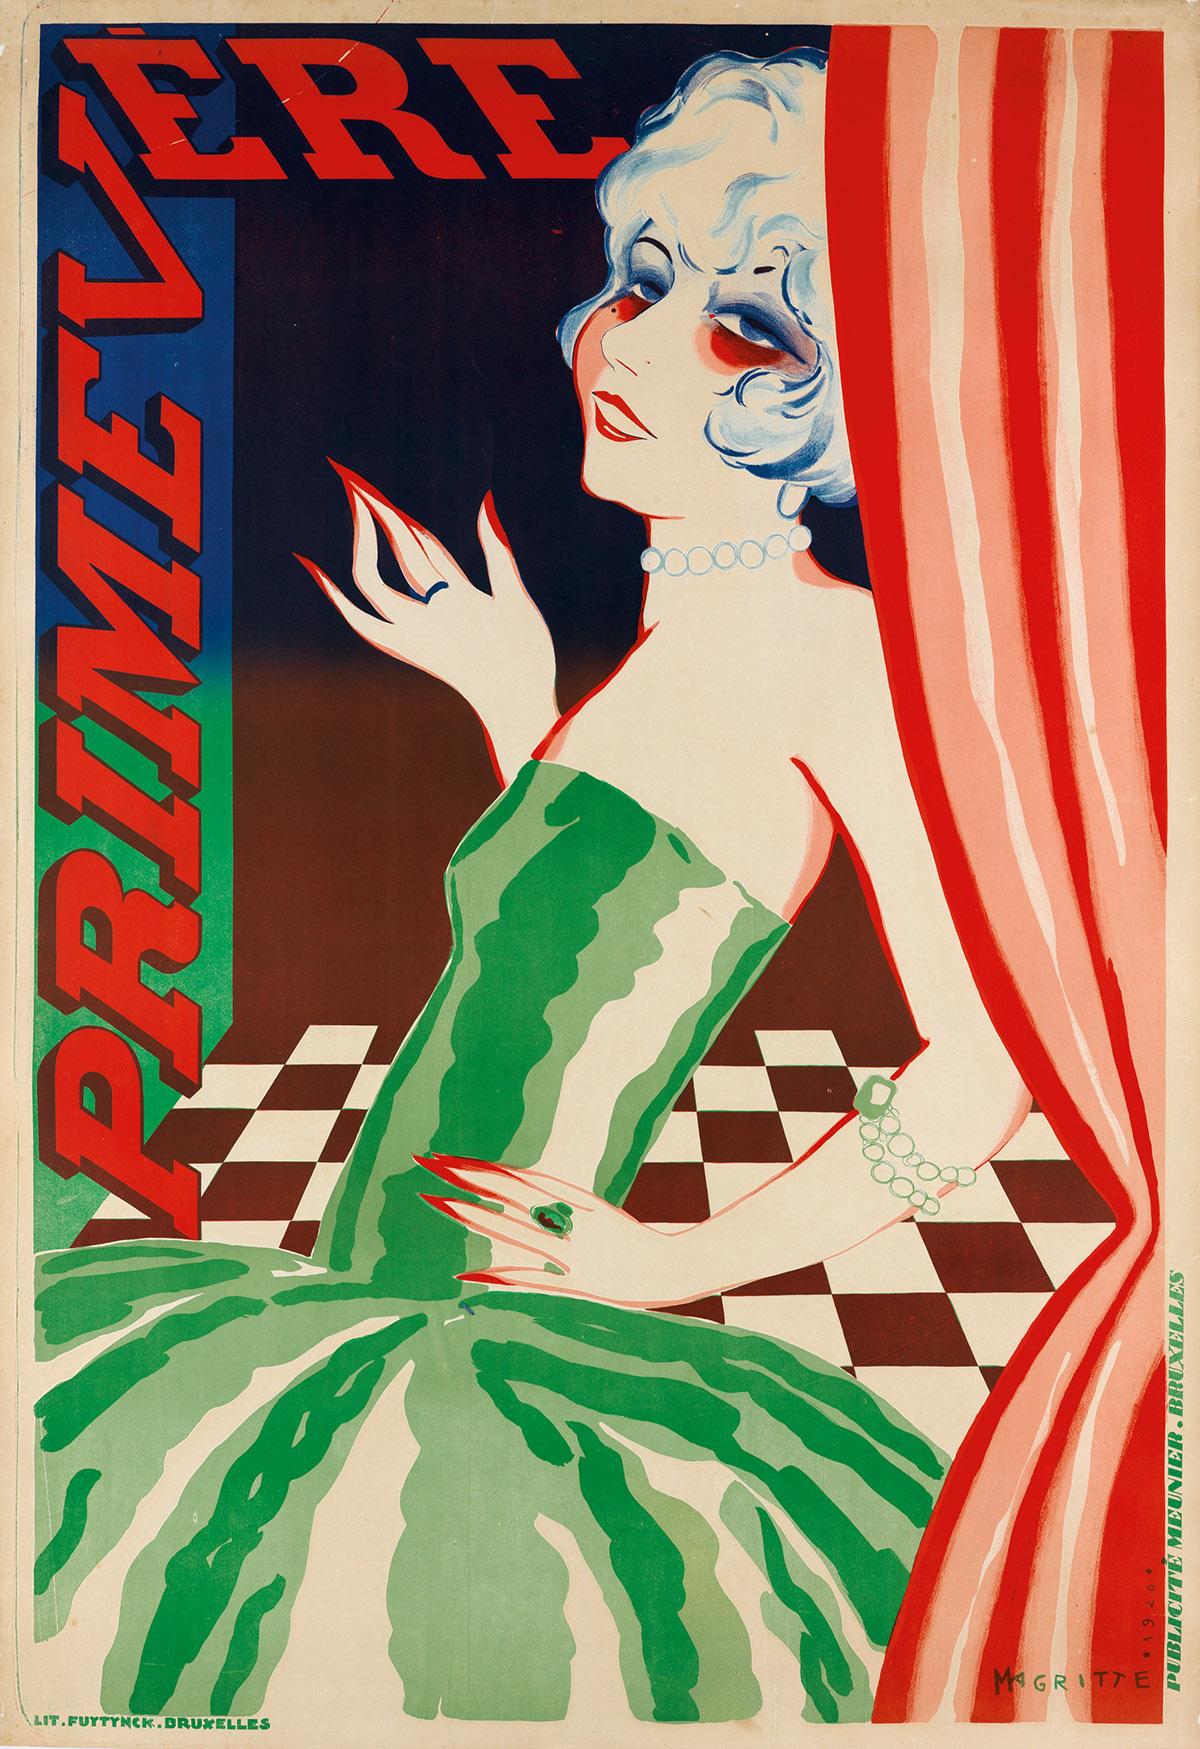 RENÉ MAGRITTE (1898-1967). PRIMEVÈRE. 1926. 48x33 inches, 123x85 cm. Meunier, Brussels.